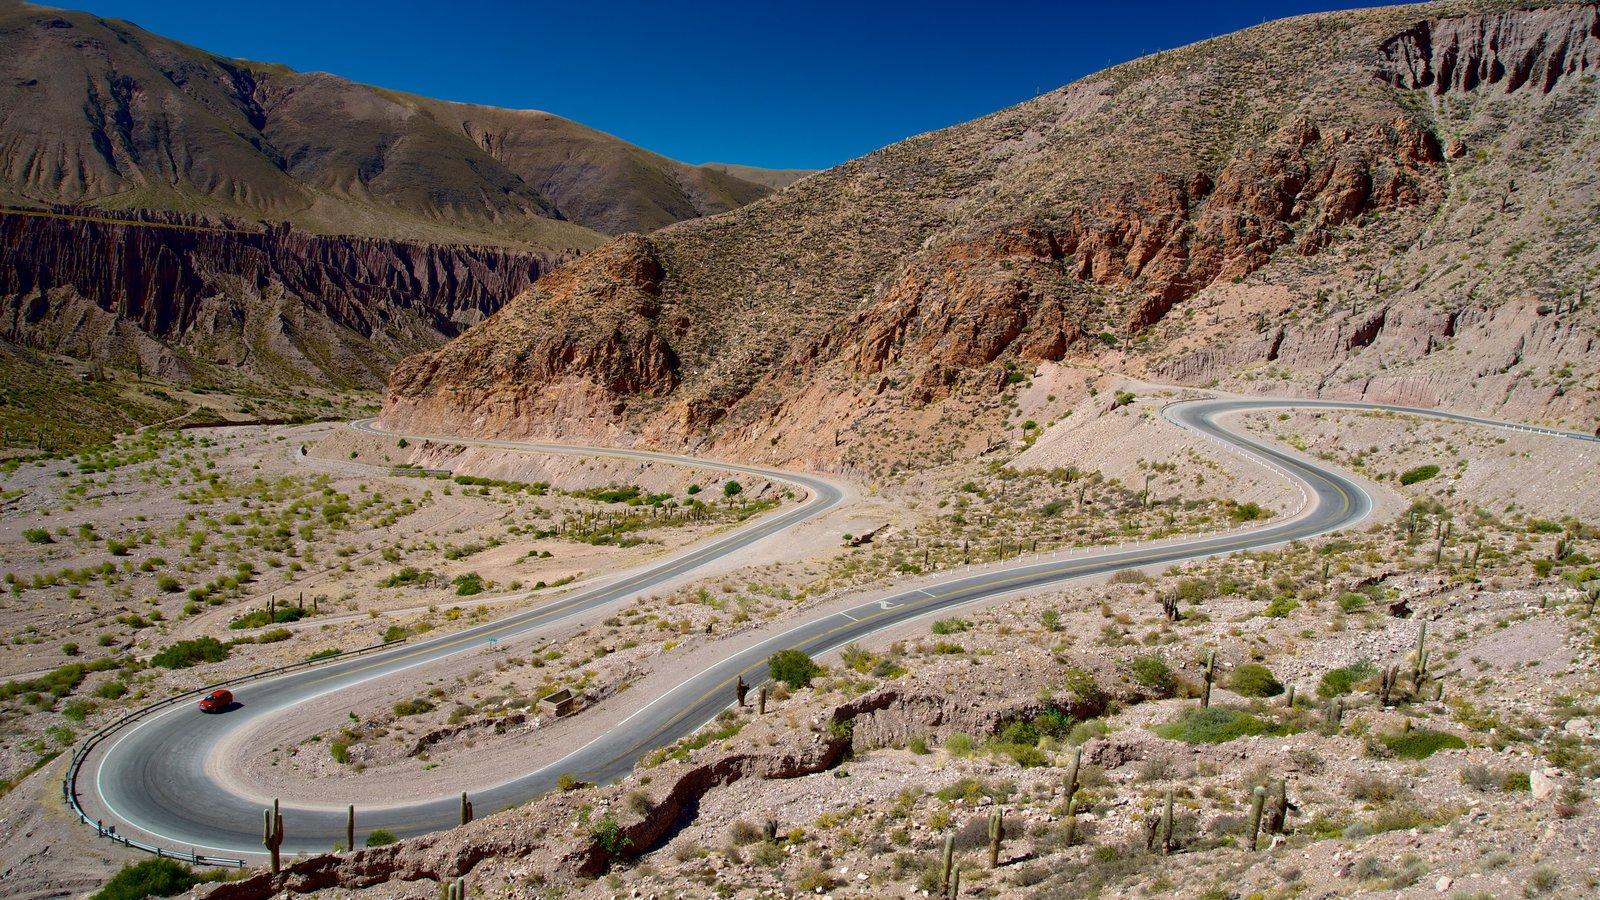 Jujuy que inclui paisagens do deserto e montanhas